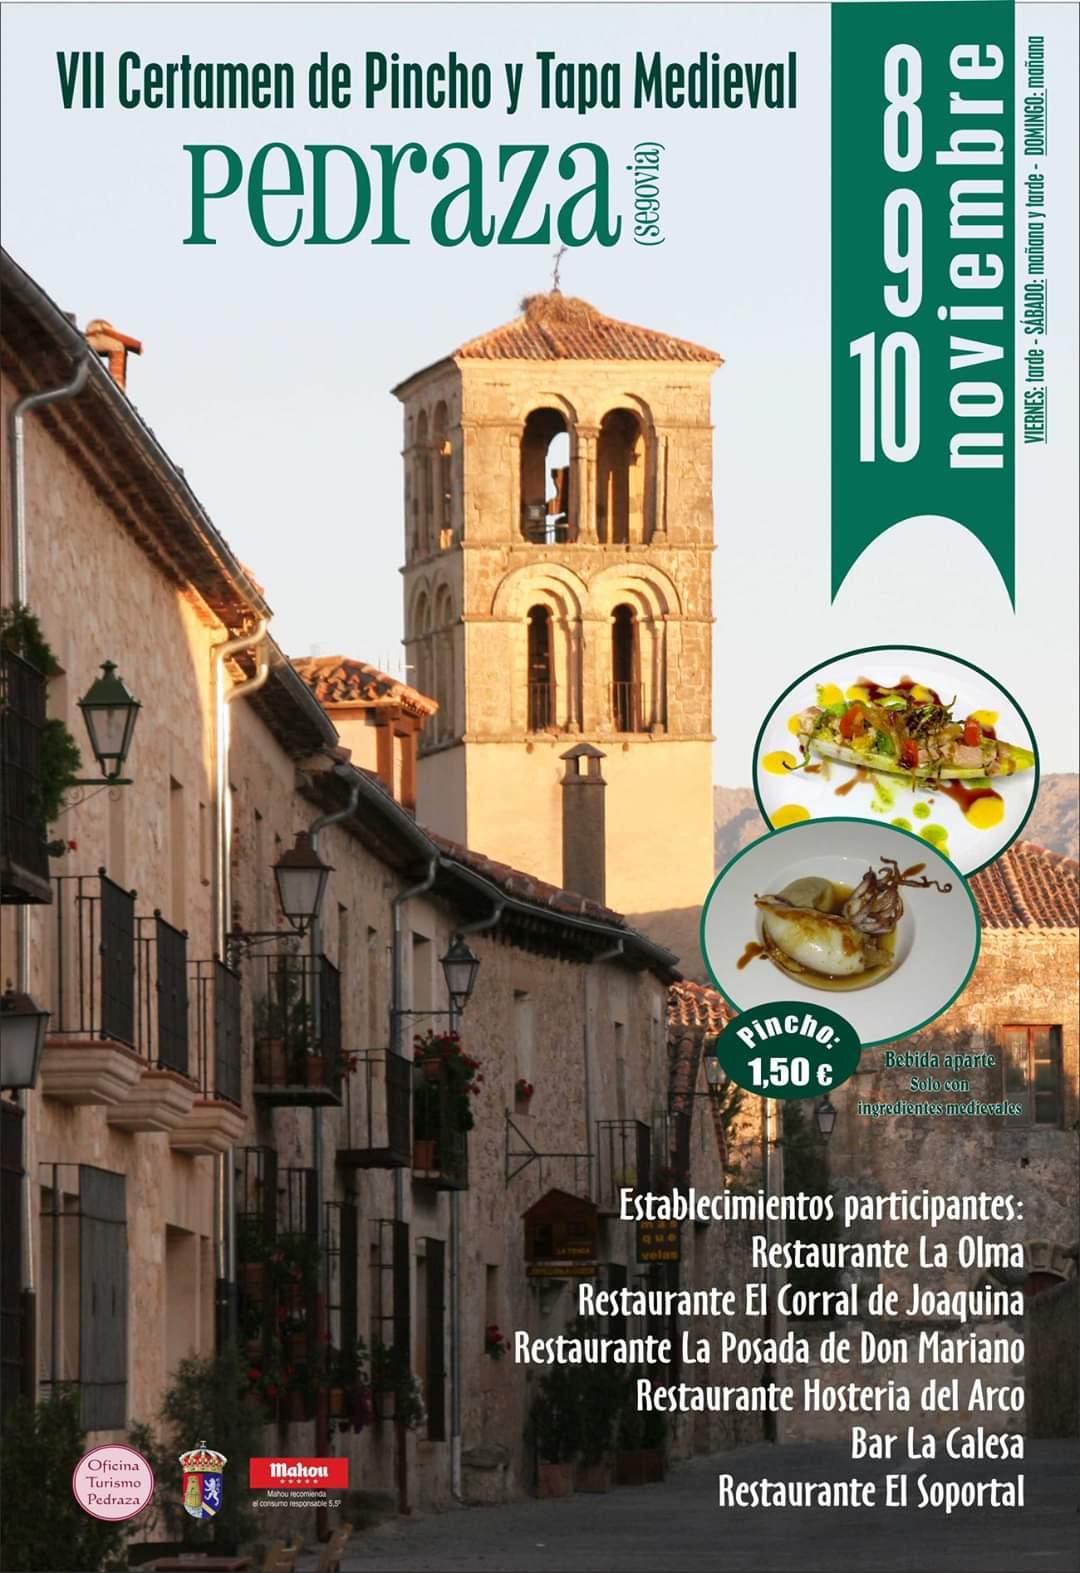 VII Certamen del pincho y tapa medieval en Pedraza